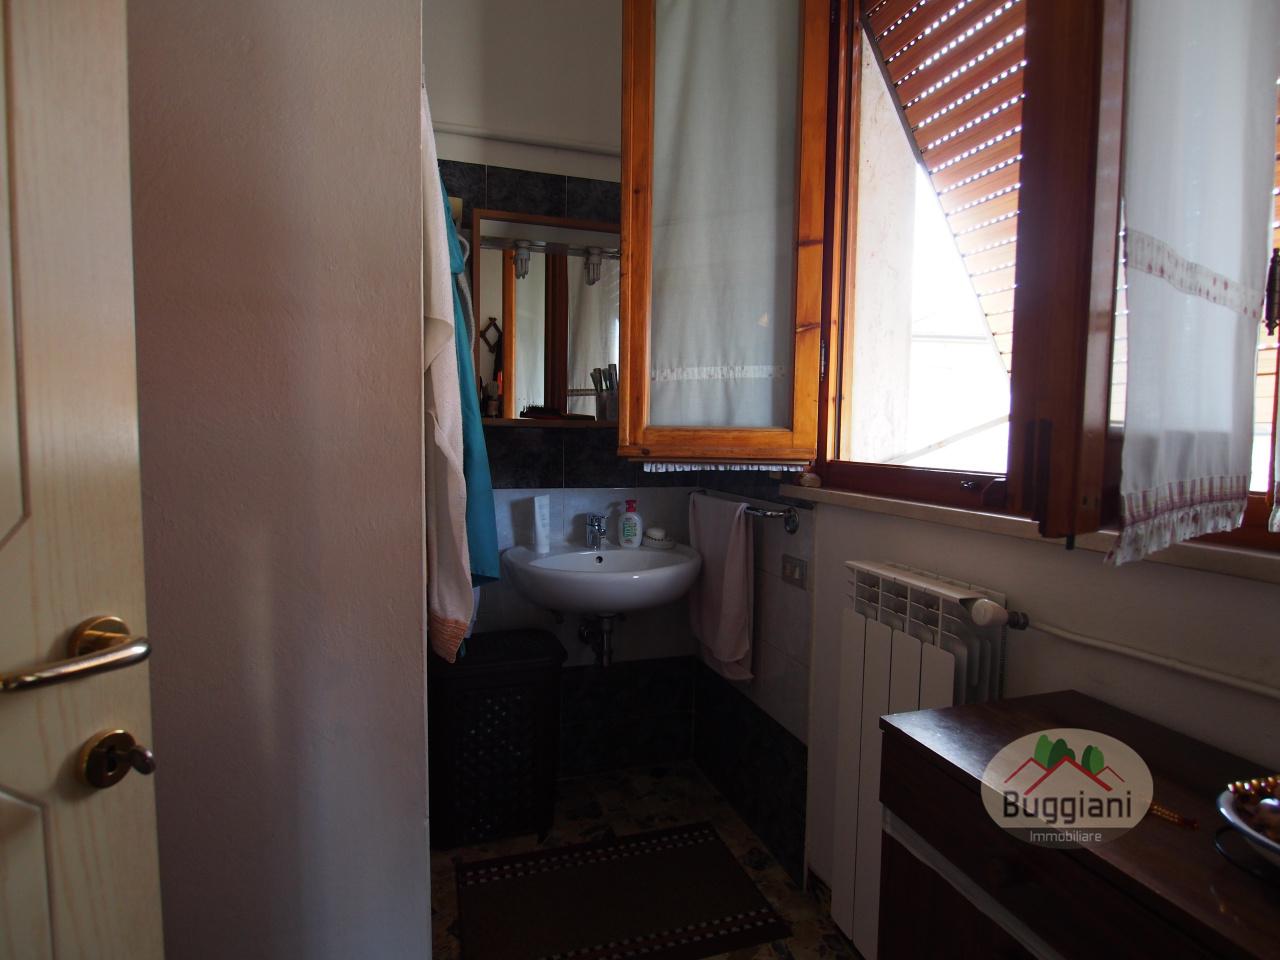 Appartamento in vendita RIF. 1579, San Miniato (PI)